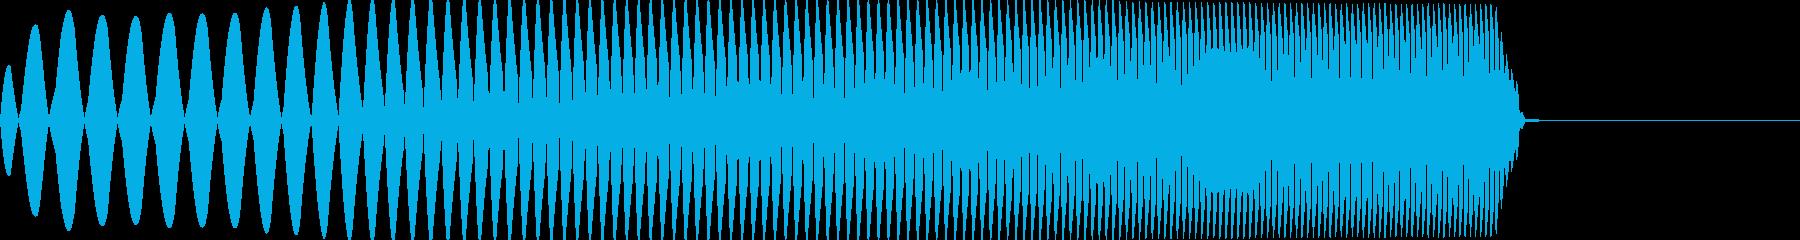 アナログFX 6の再生済みの波形